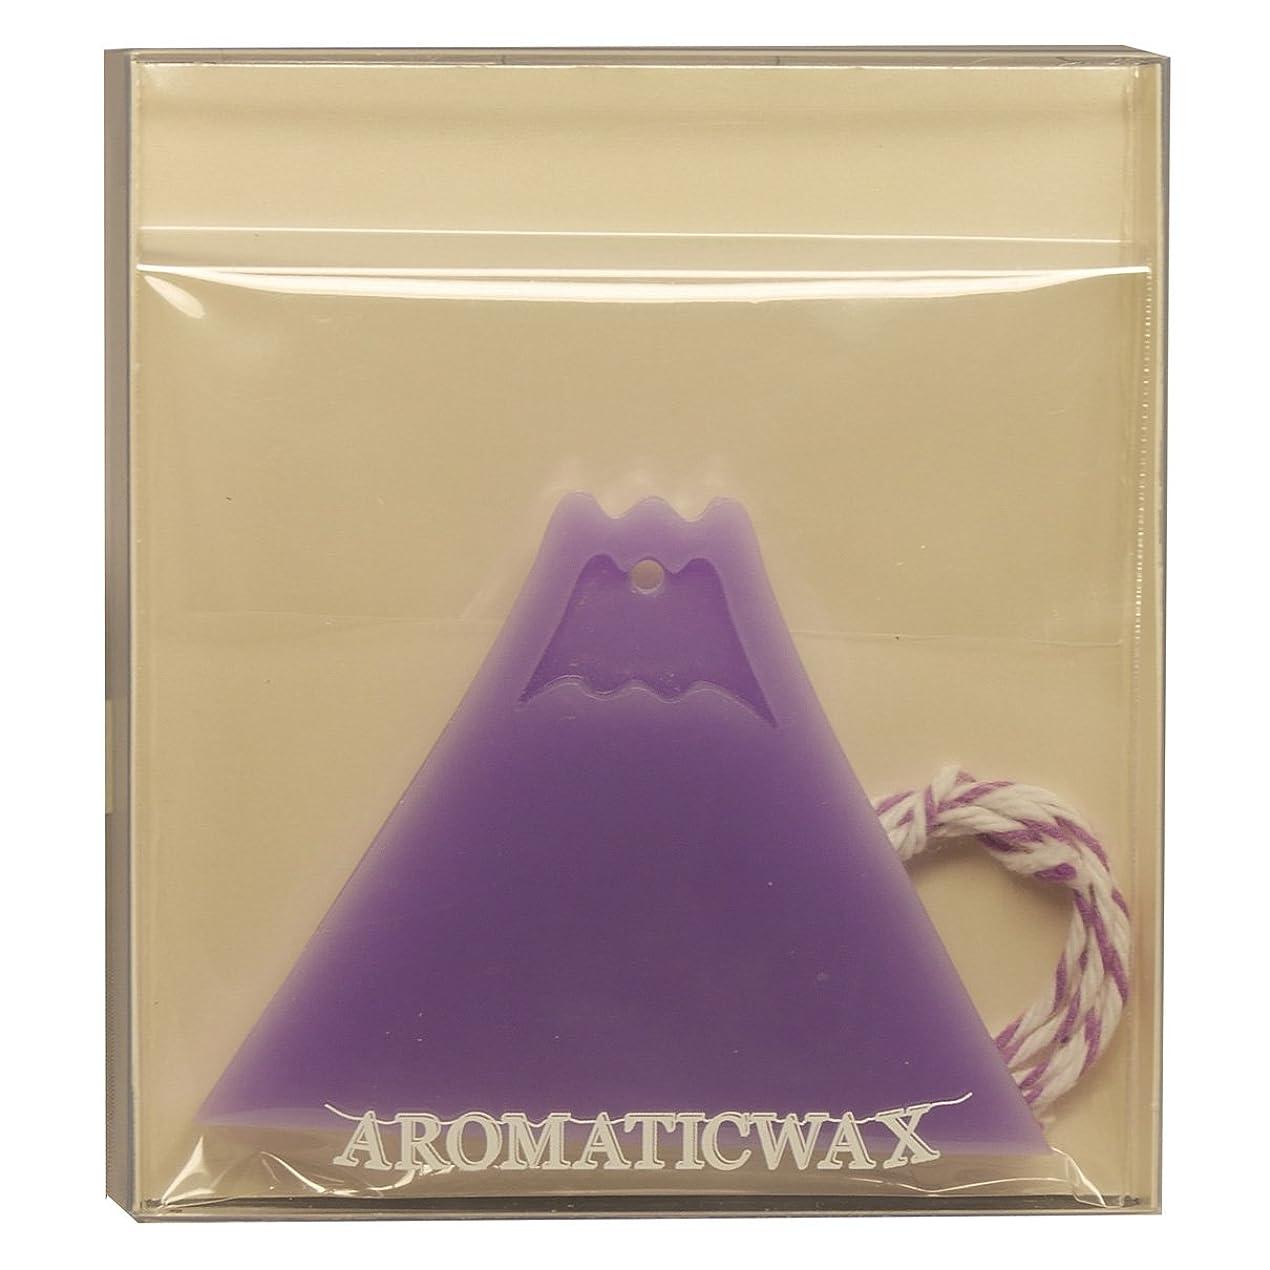 面白い増加する息苦しいGRASSE TOKYO AROMATICWAXチャーム「富士山」(PU) ラベンダー アロマティックワックス グラーストウキョウ